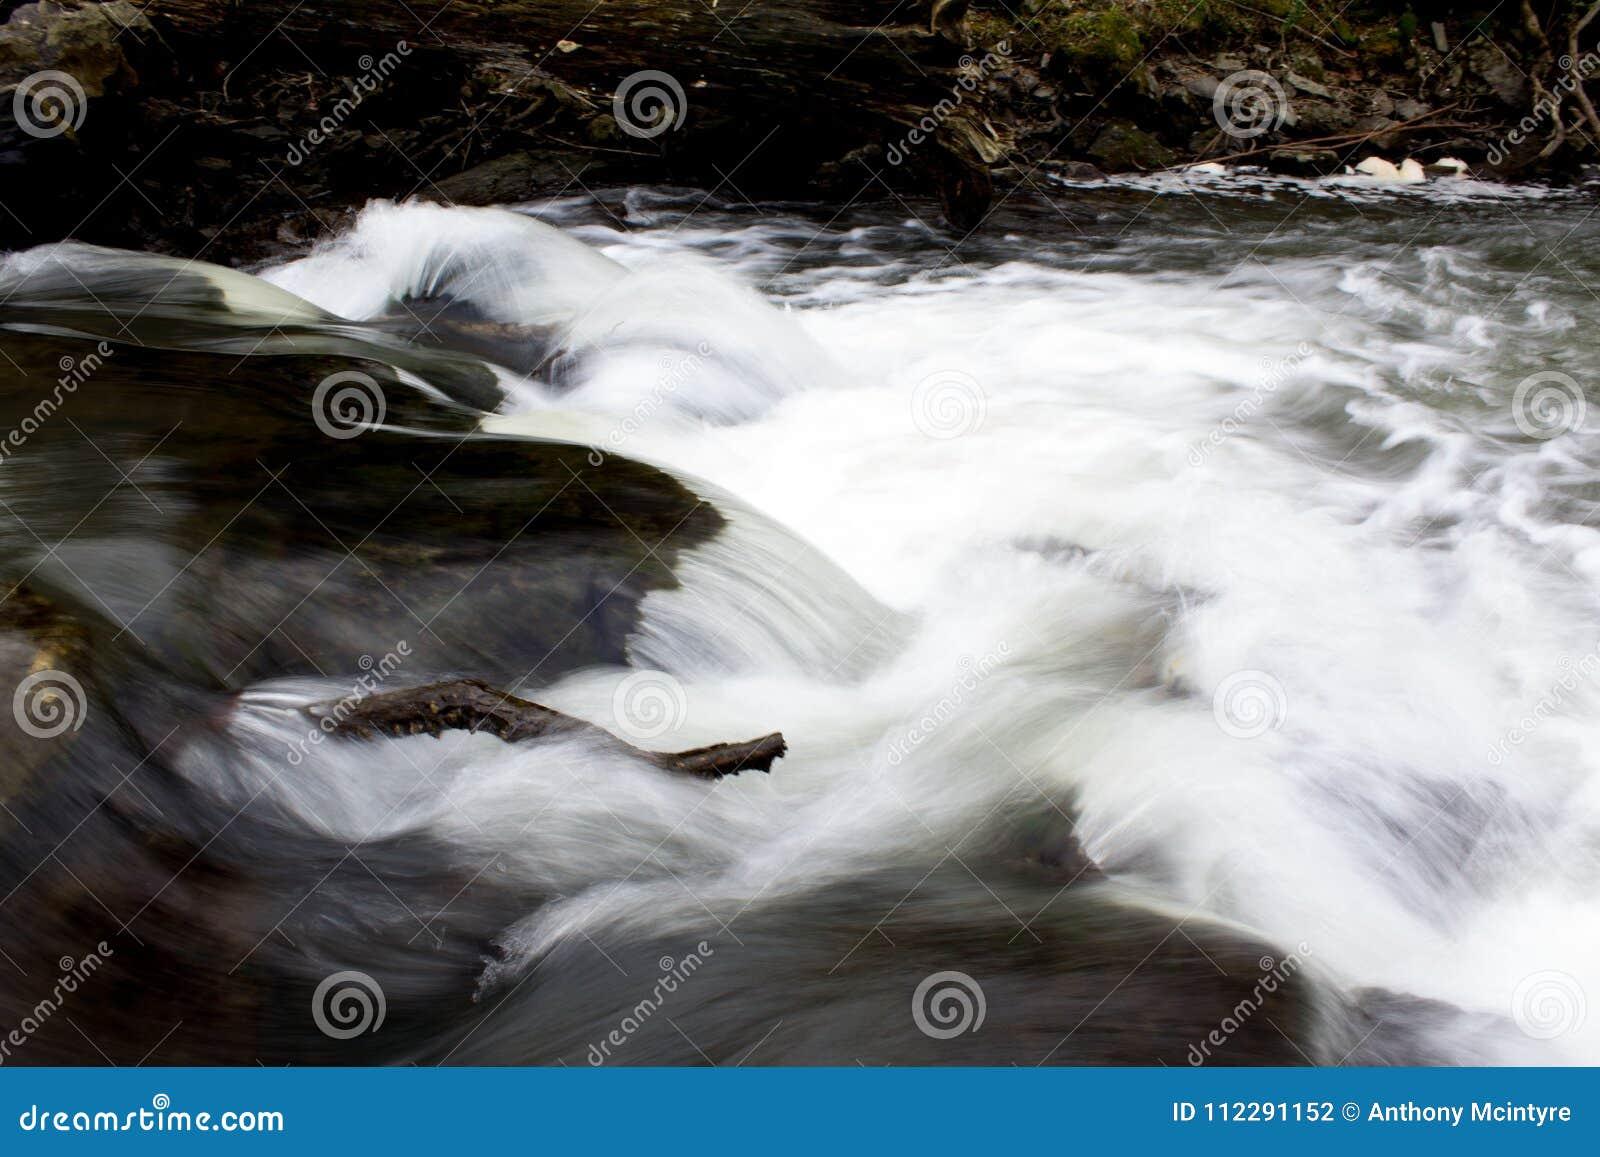 Córrego claro branco do rio que apressa-se sobre rochas